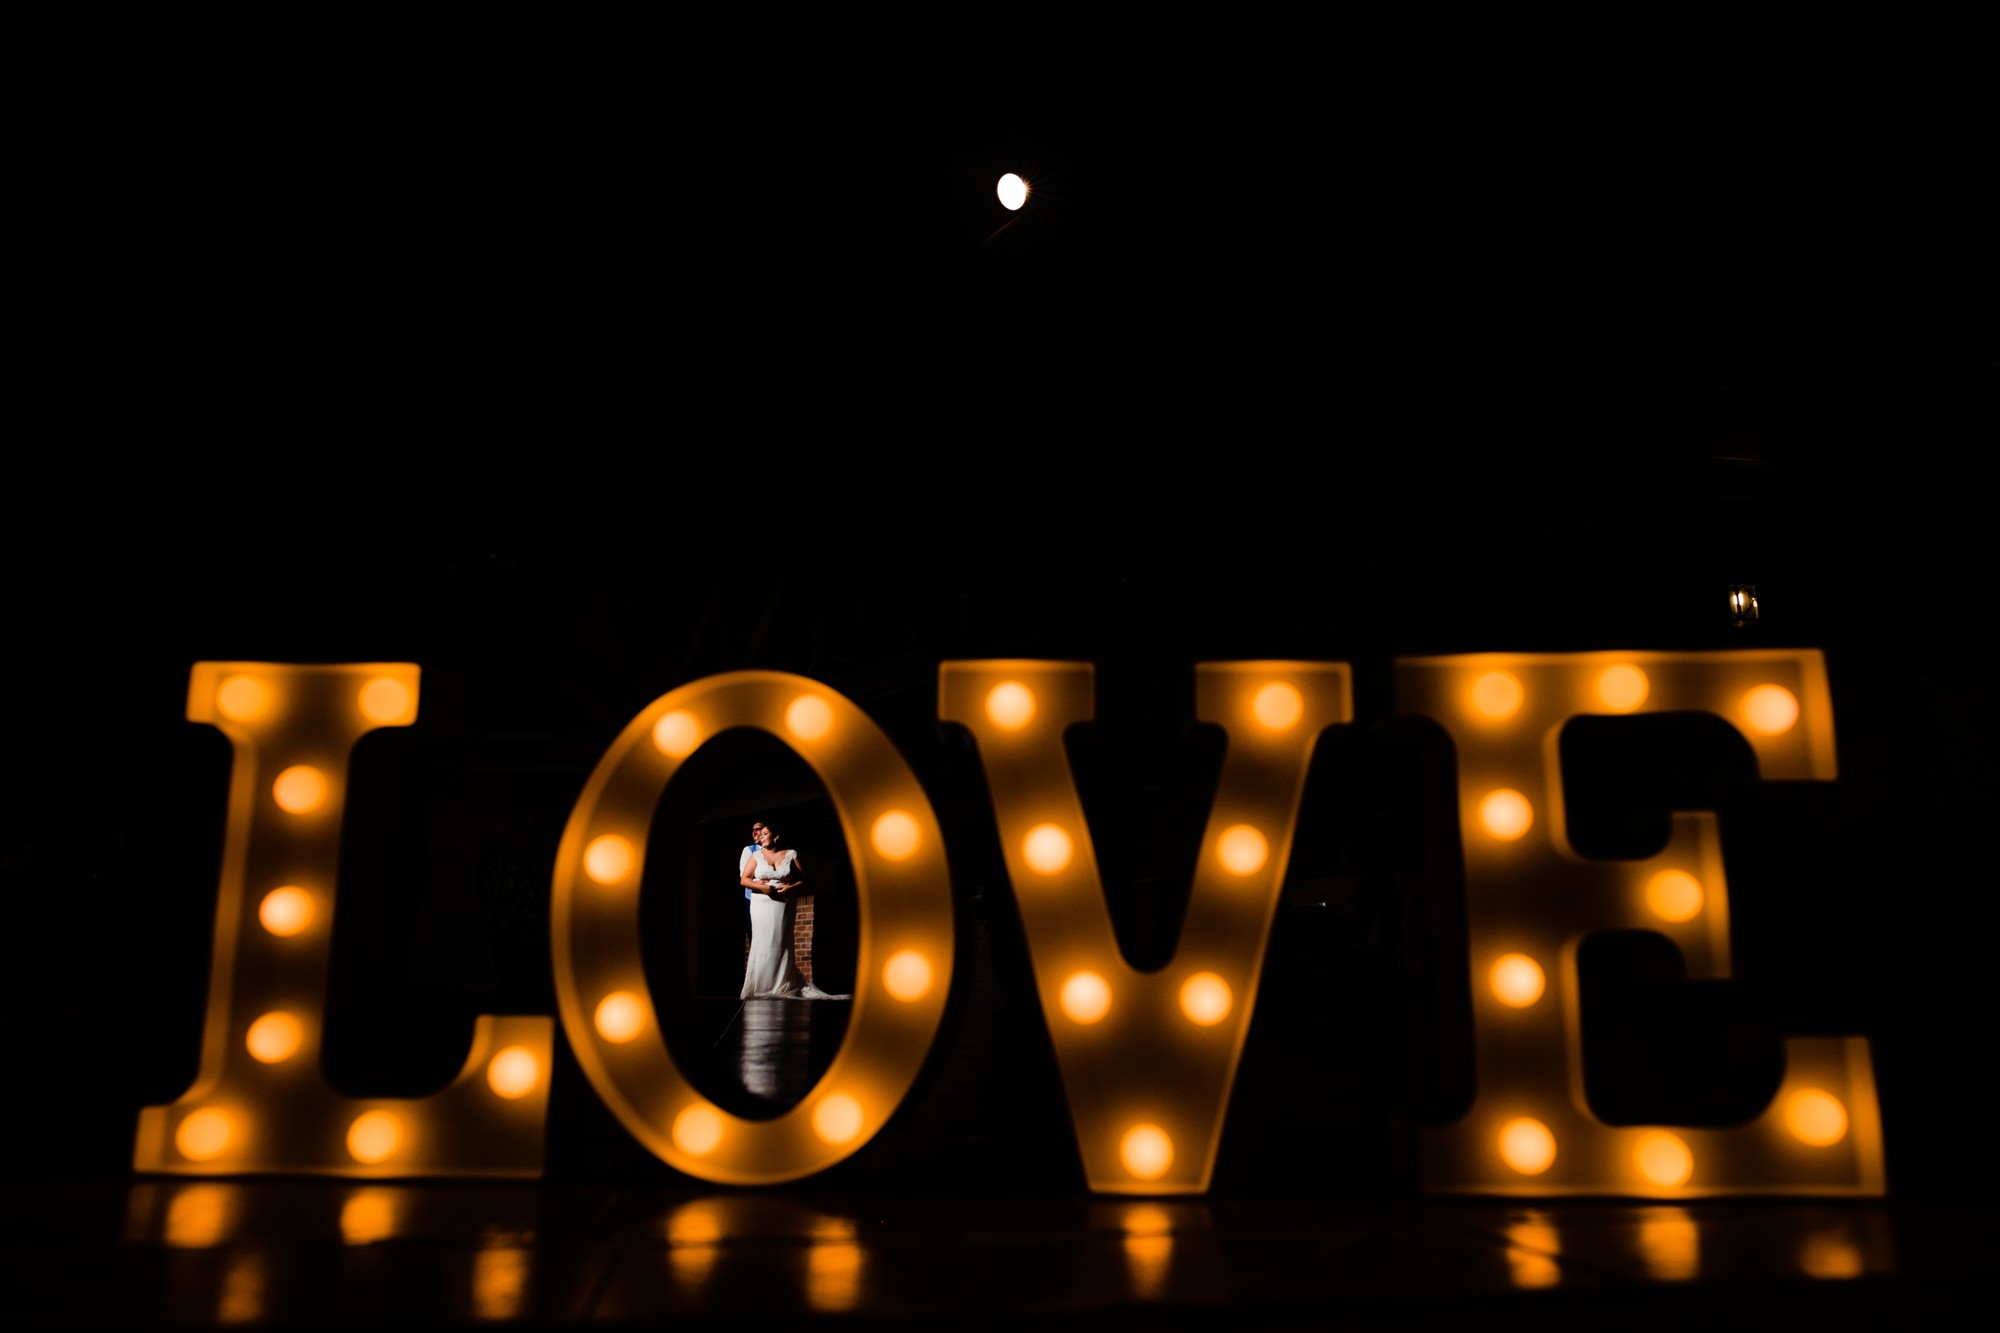 fotografo de bodas fuerteventura, fotografo de bodas El Brasero Tarajalejo, Fotografo de bodas Lanzarote  39